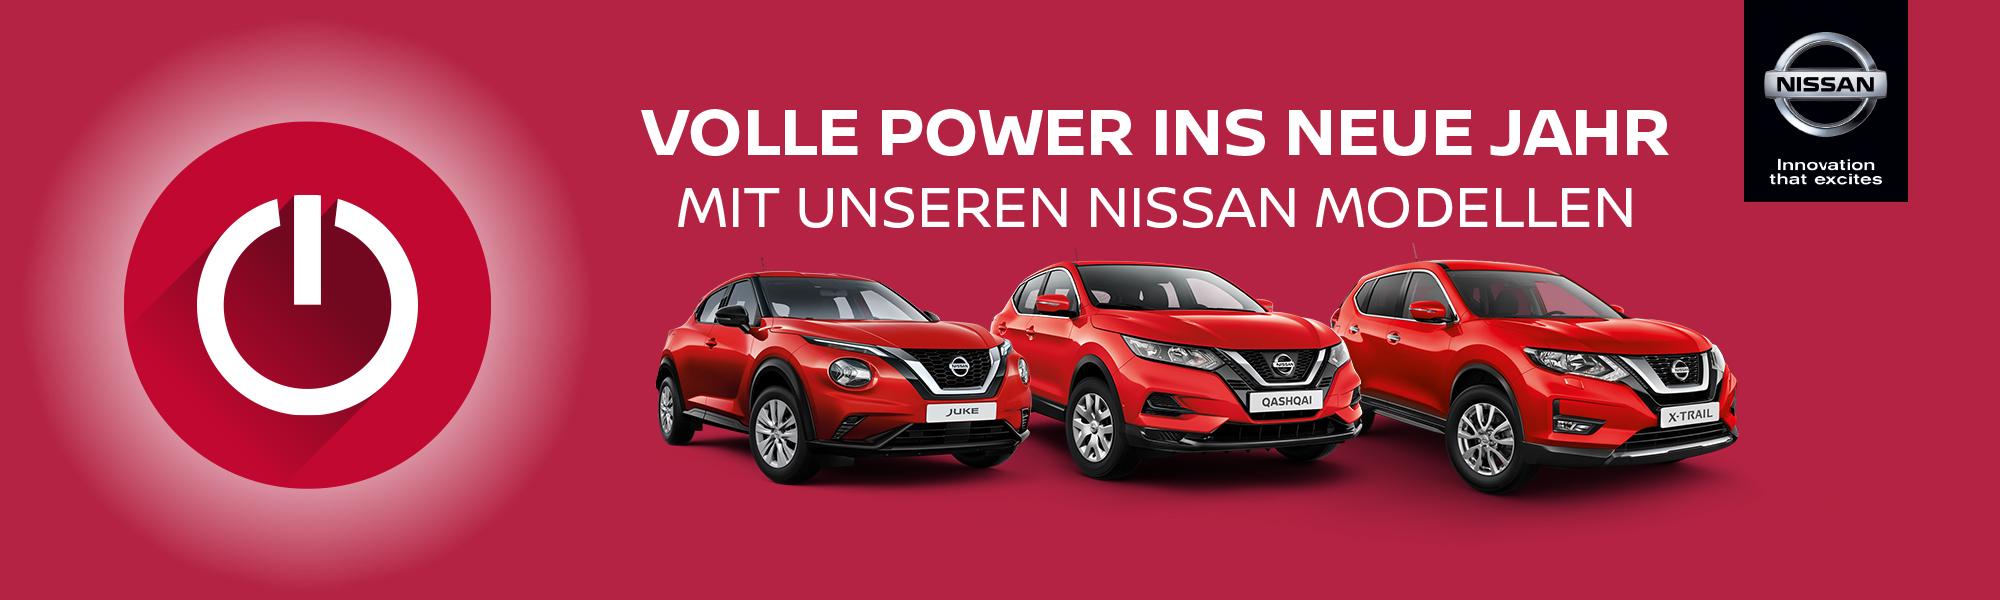 Volle Power ins neue Jahr mit unseren NISSAN-Modellen